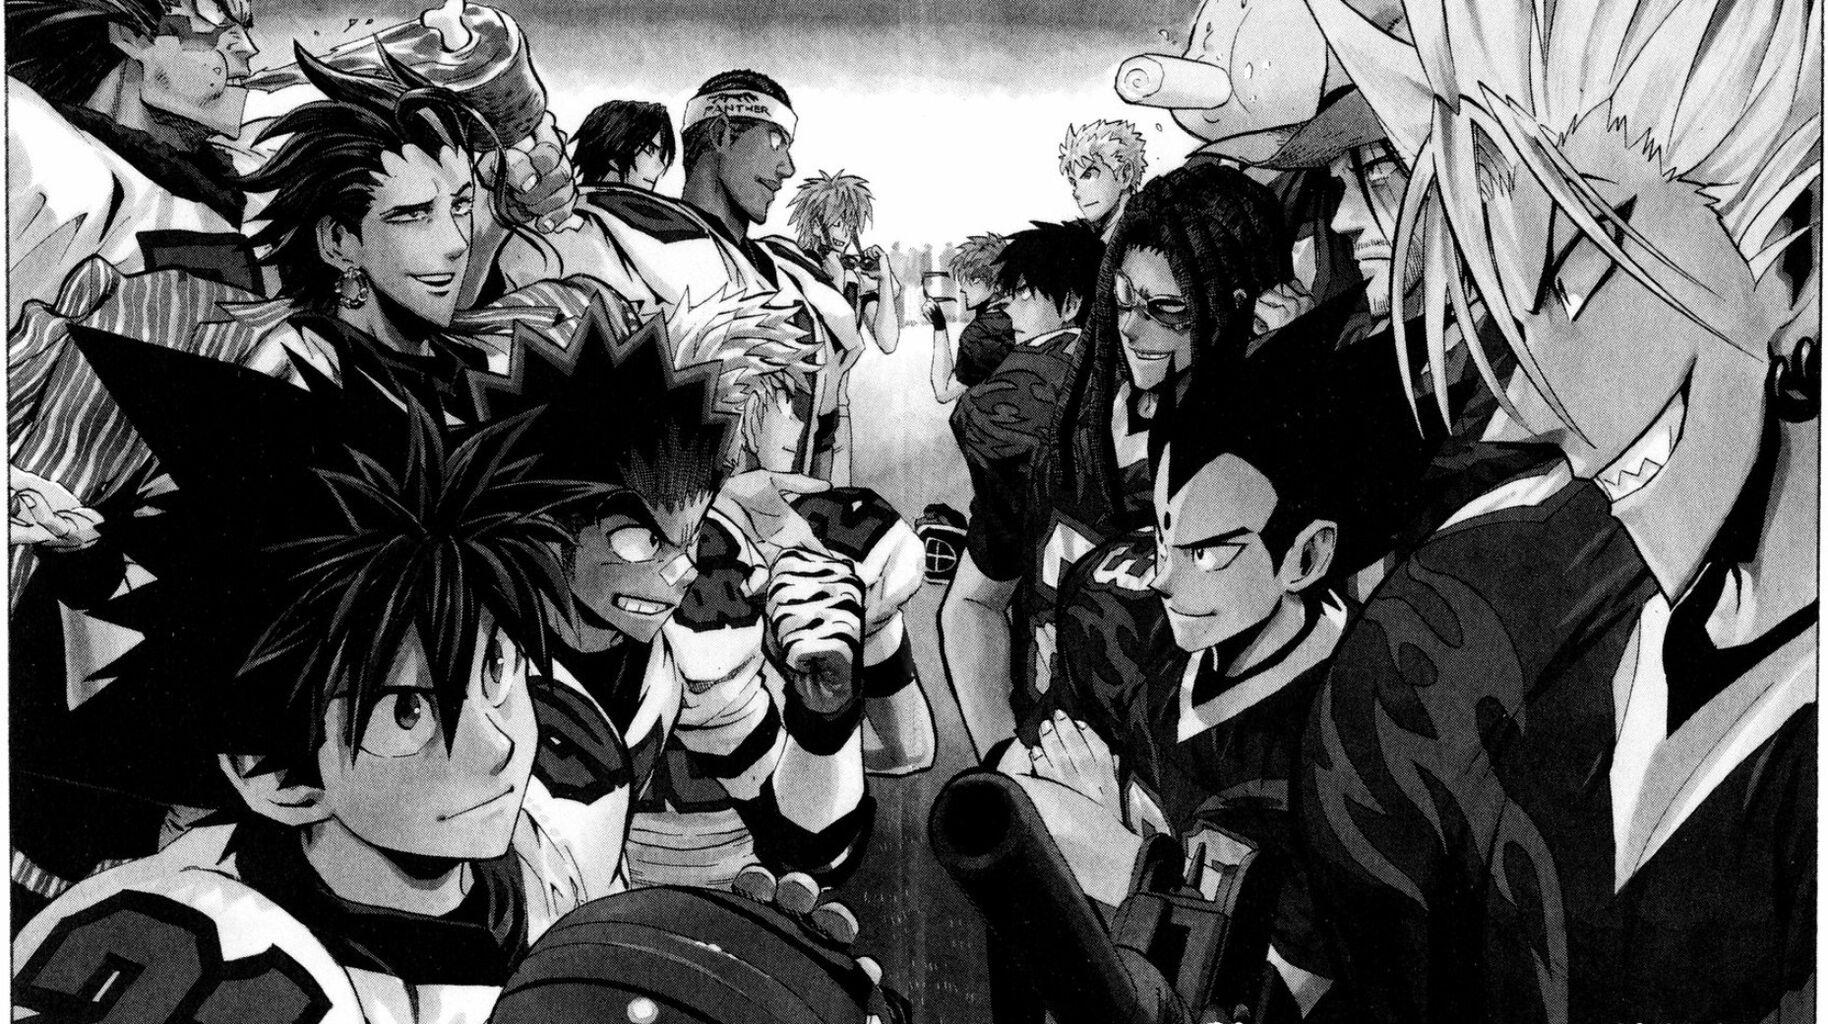 21 アイ シールド 最高のアメフト漫画『アイシールド21』 泥門デビルバッツの全15試合を振り返る